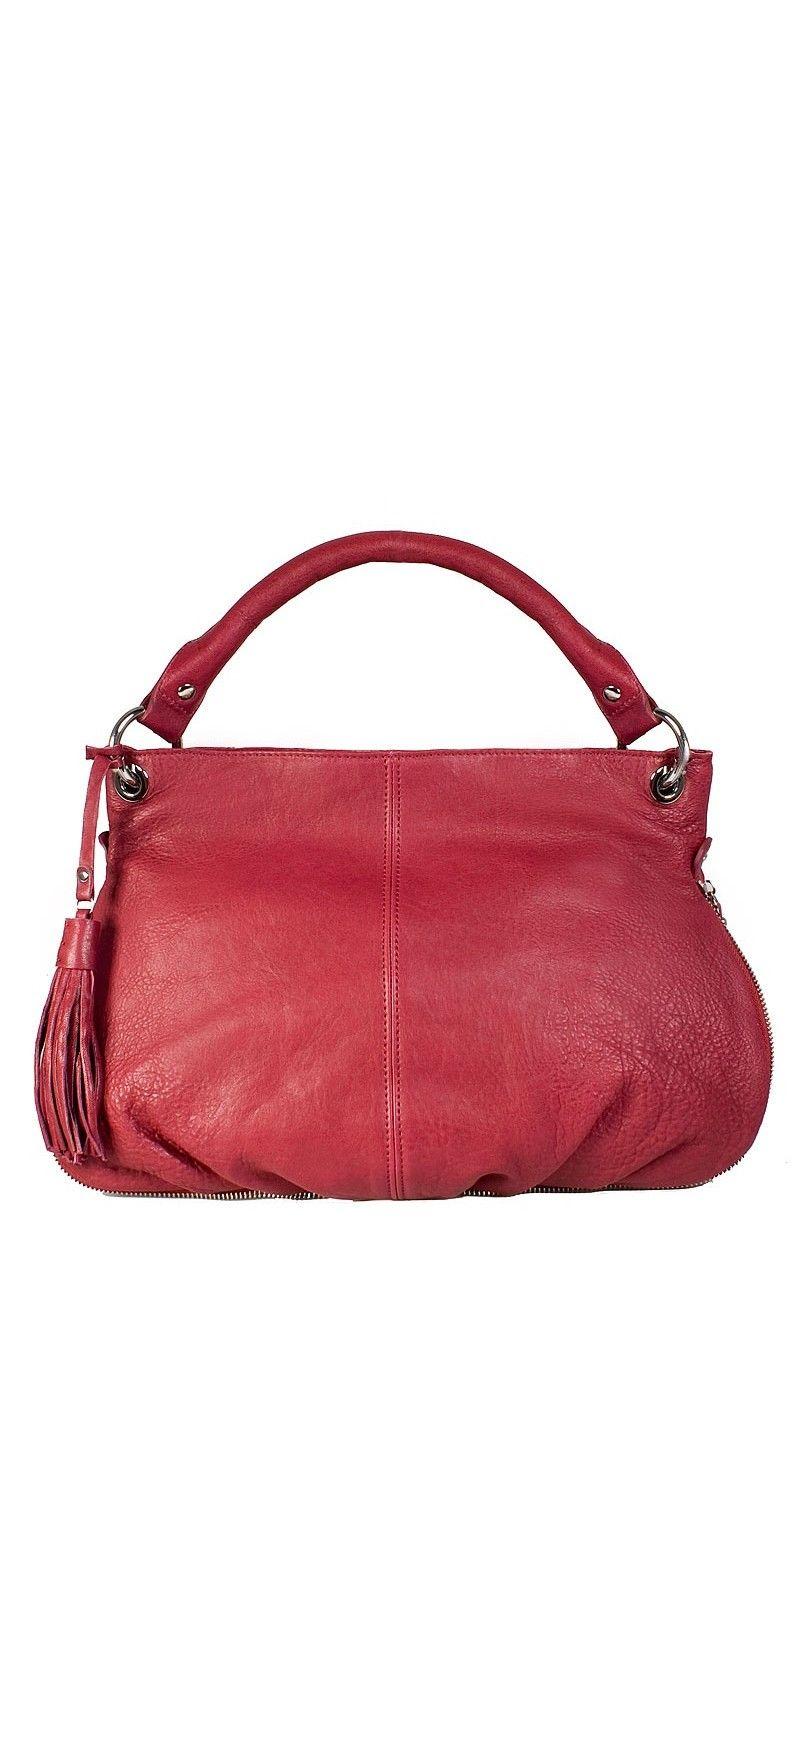 Женская сумка Palio выполнена из натуральной кожи розового цвета.